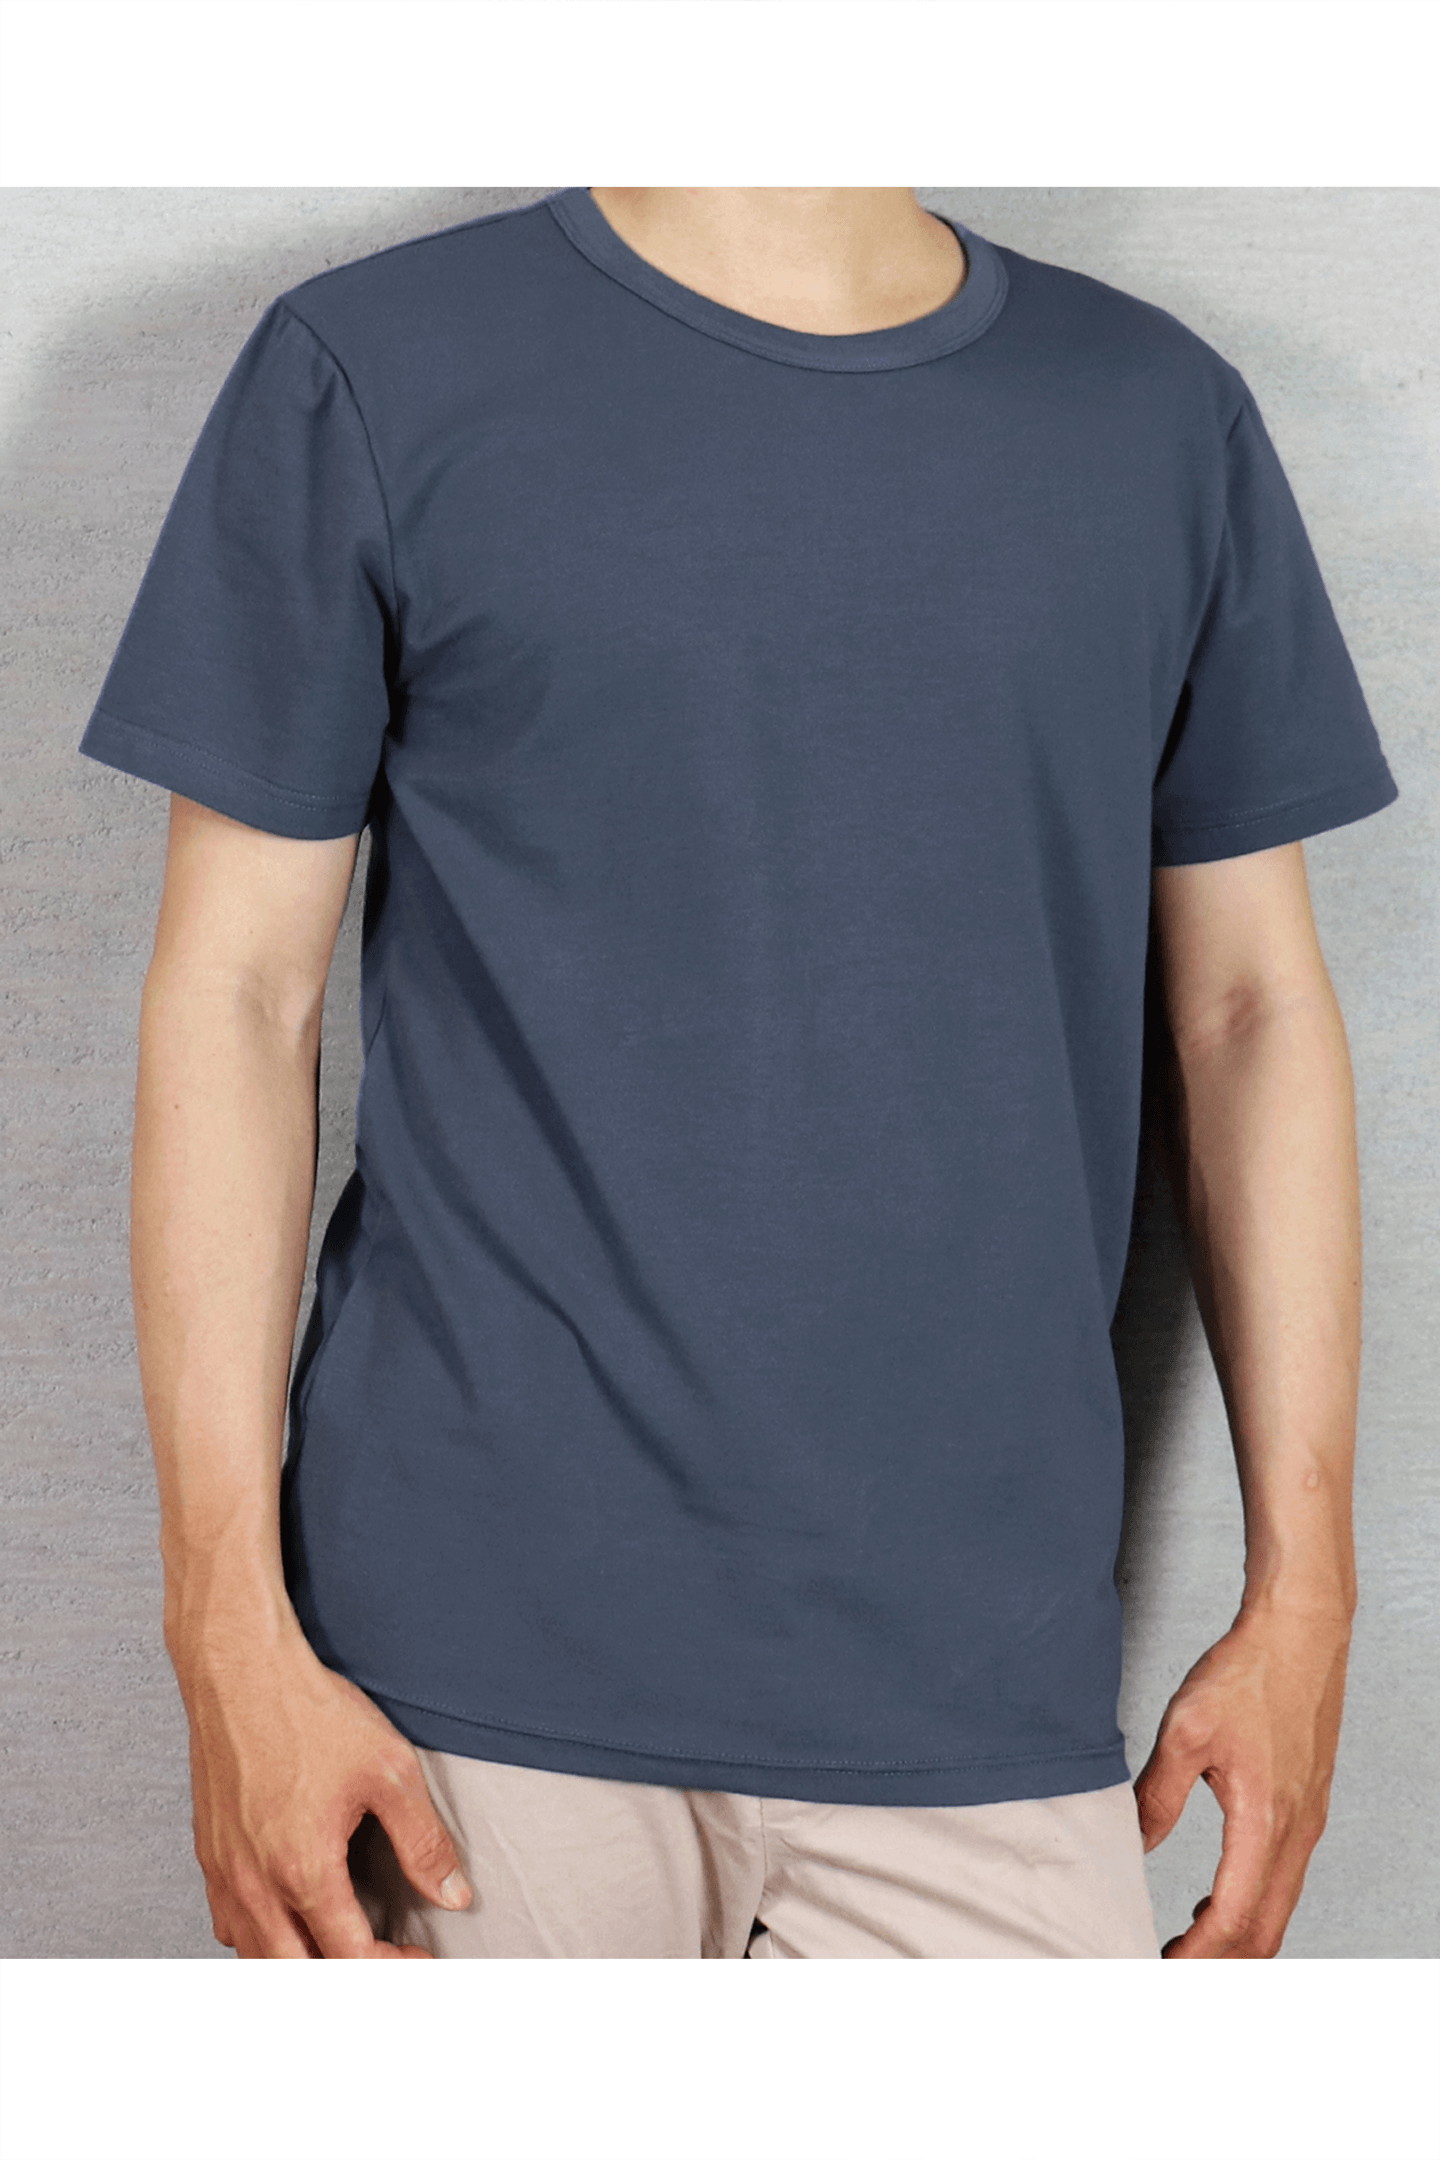 灰藍素面短T /  40支棉 舒適透氣